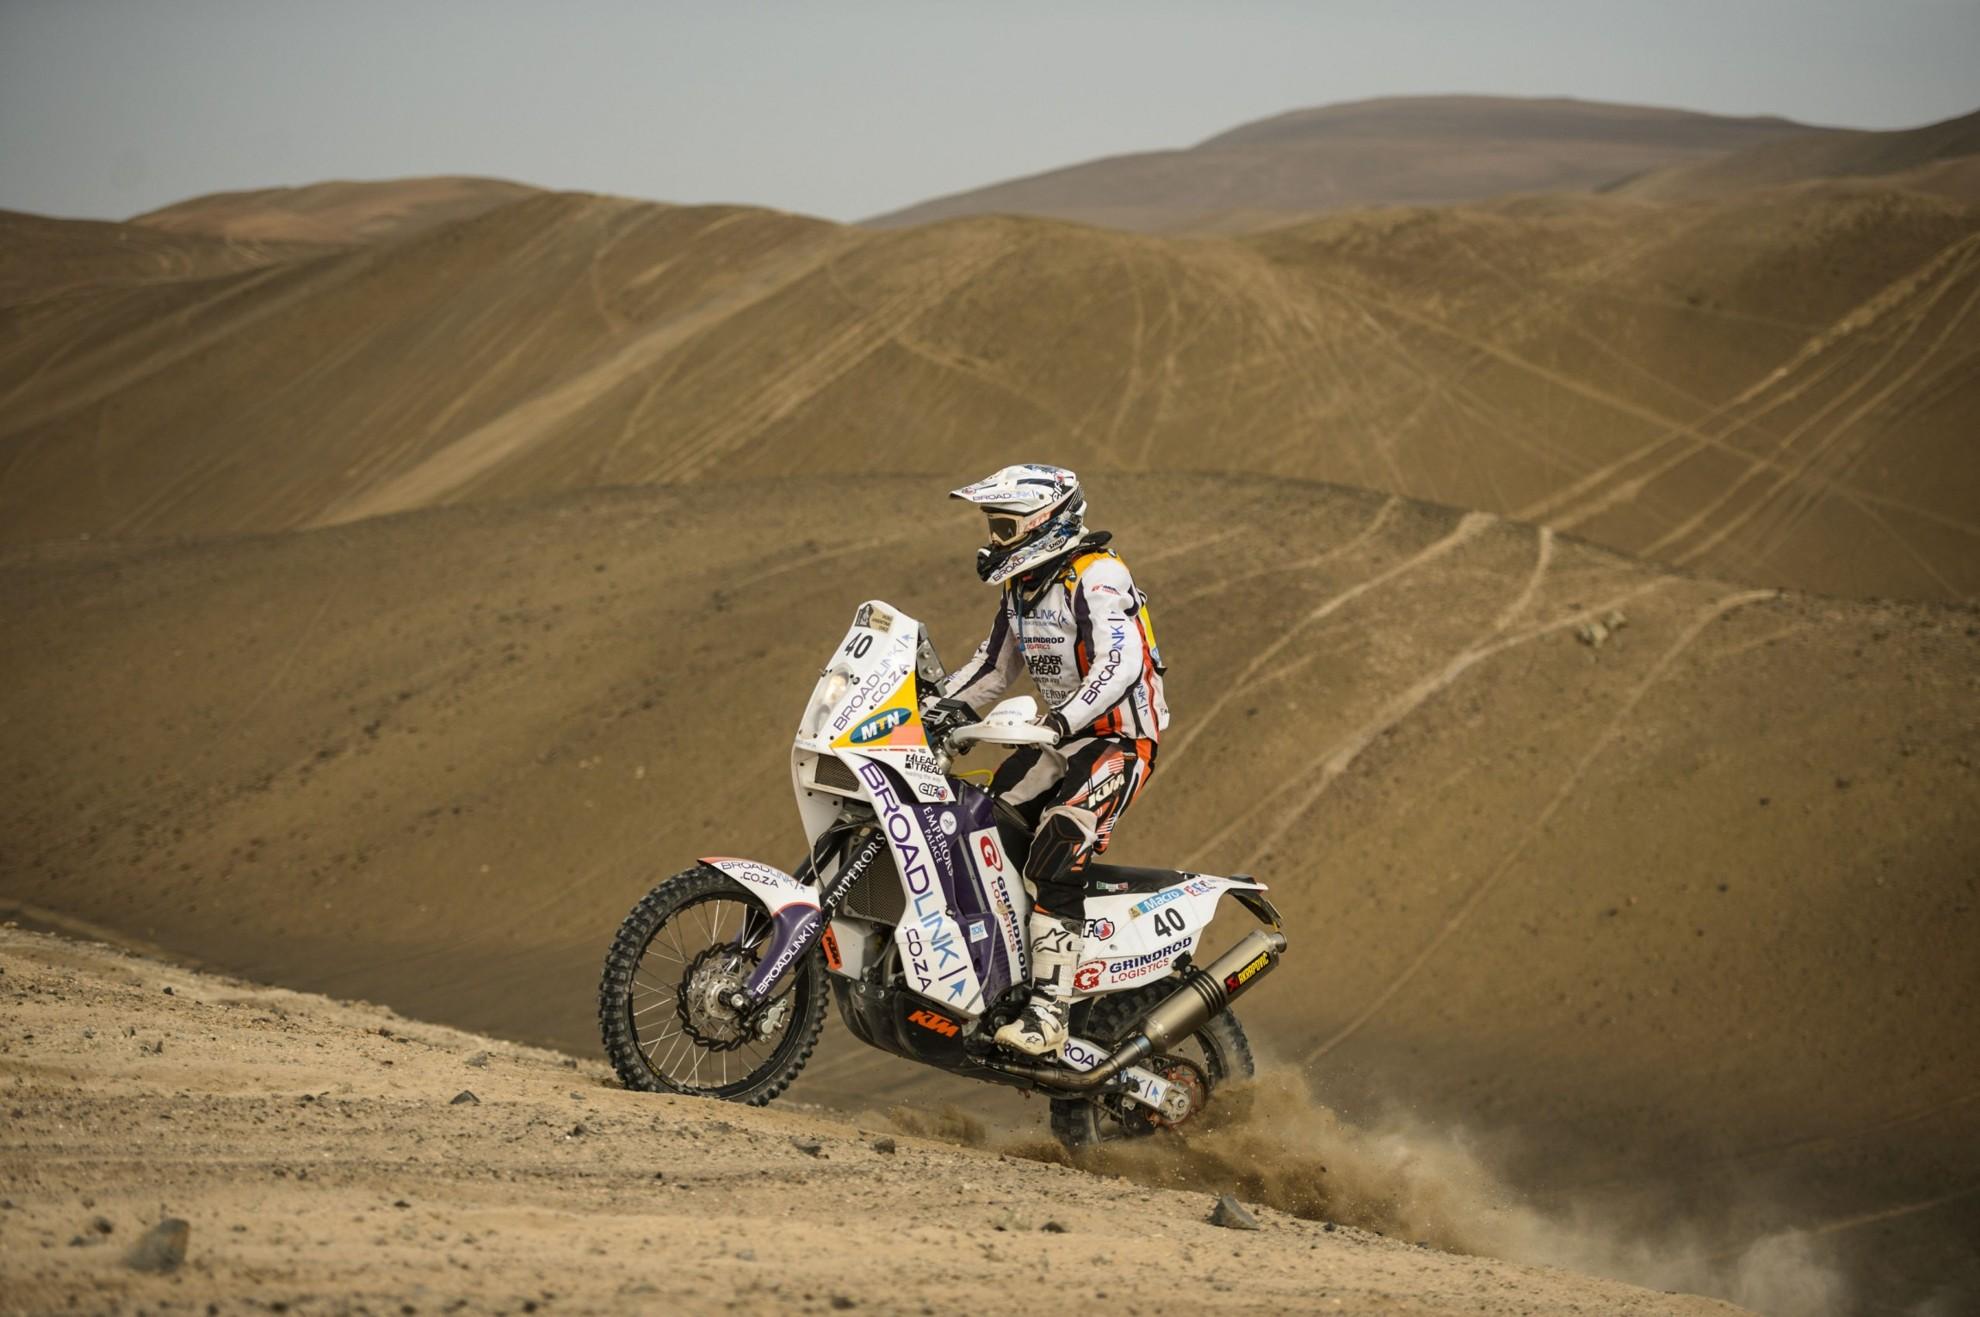 Riaan van Niekerk Broadlink KTM